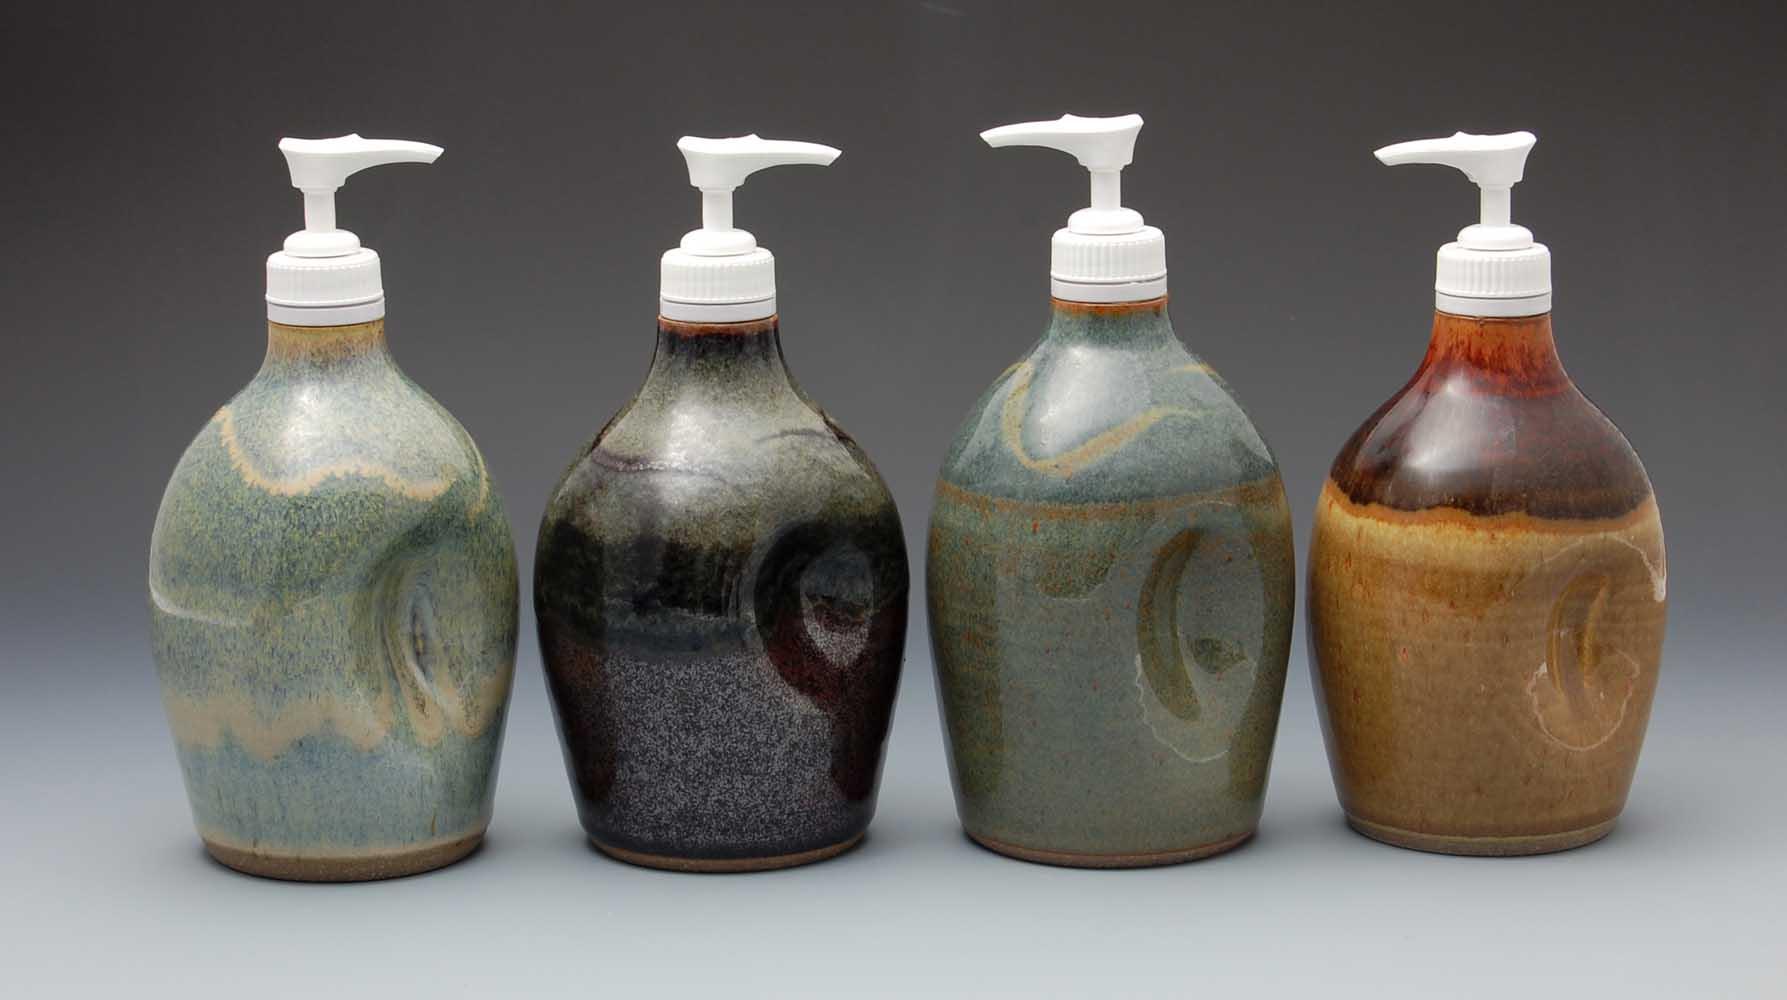 Hand/Dish Soap Pumps